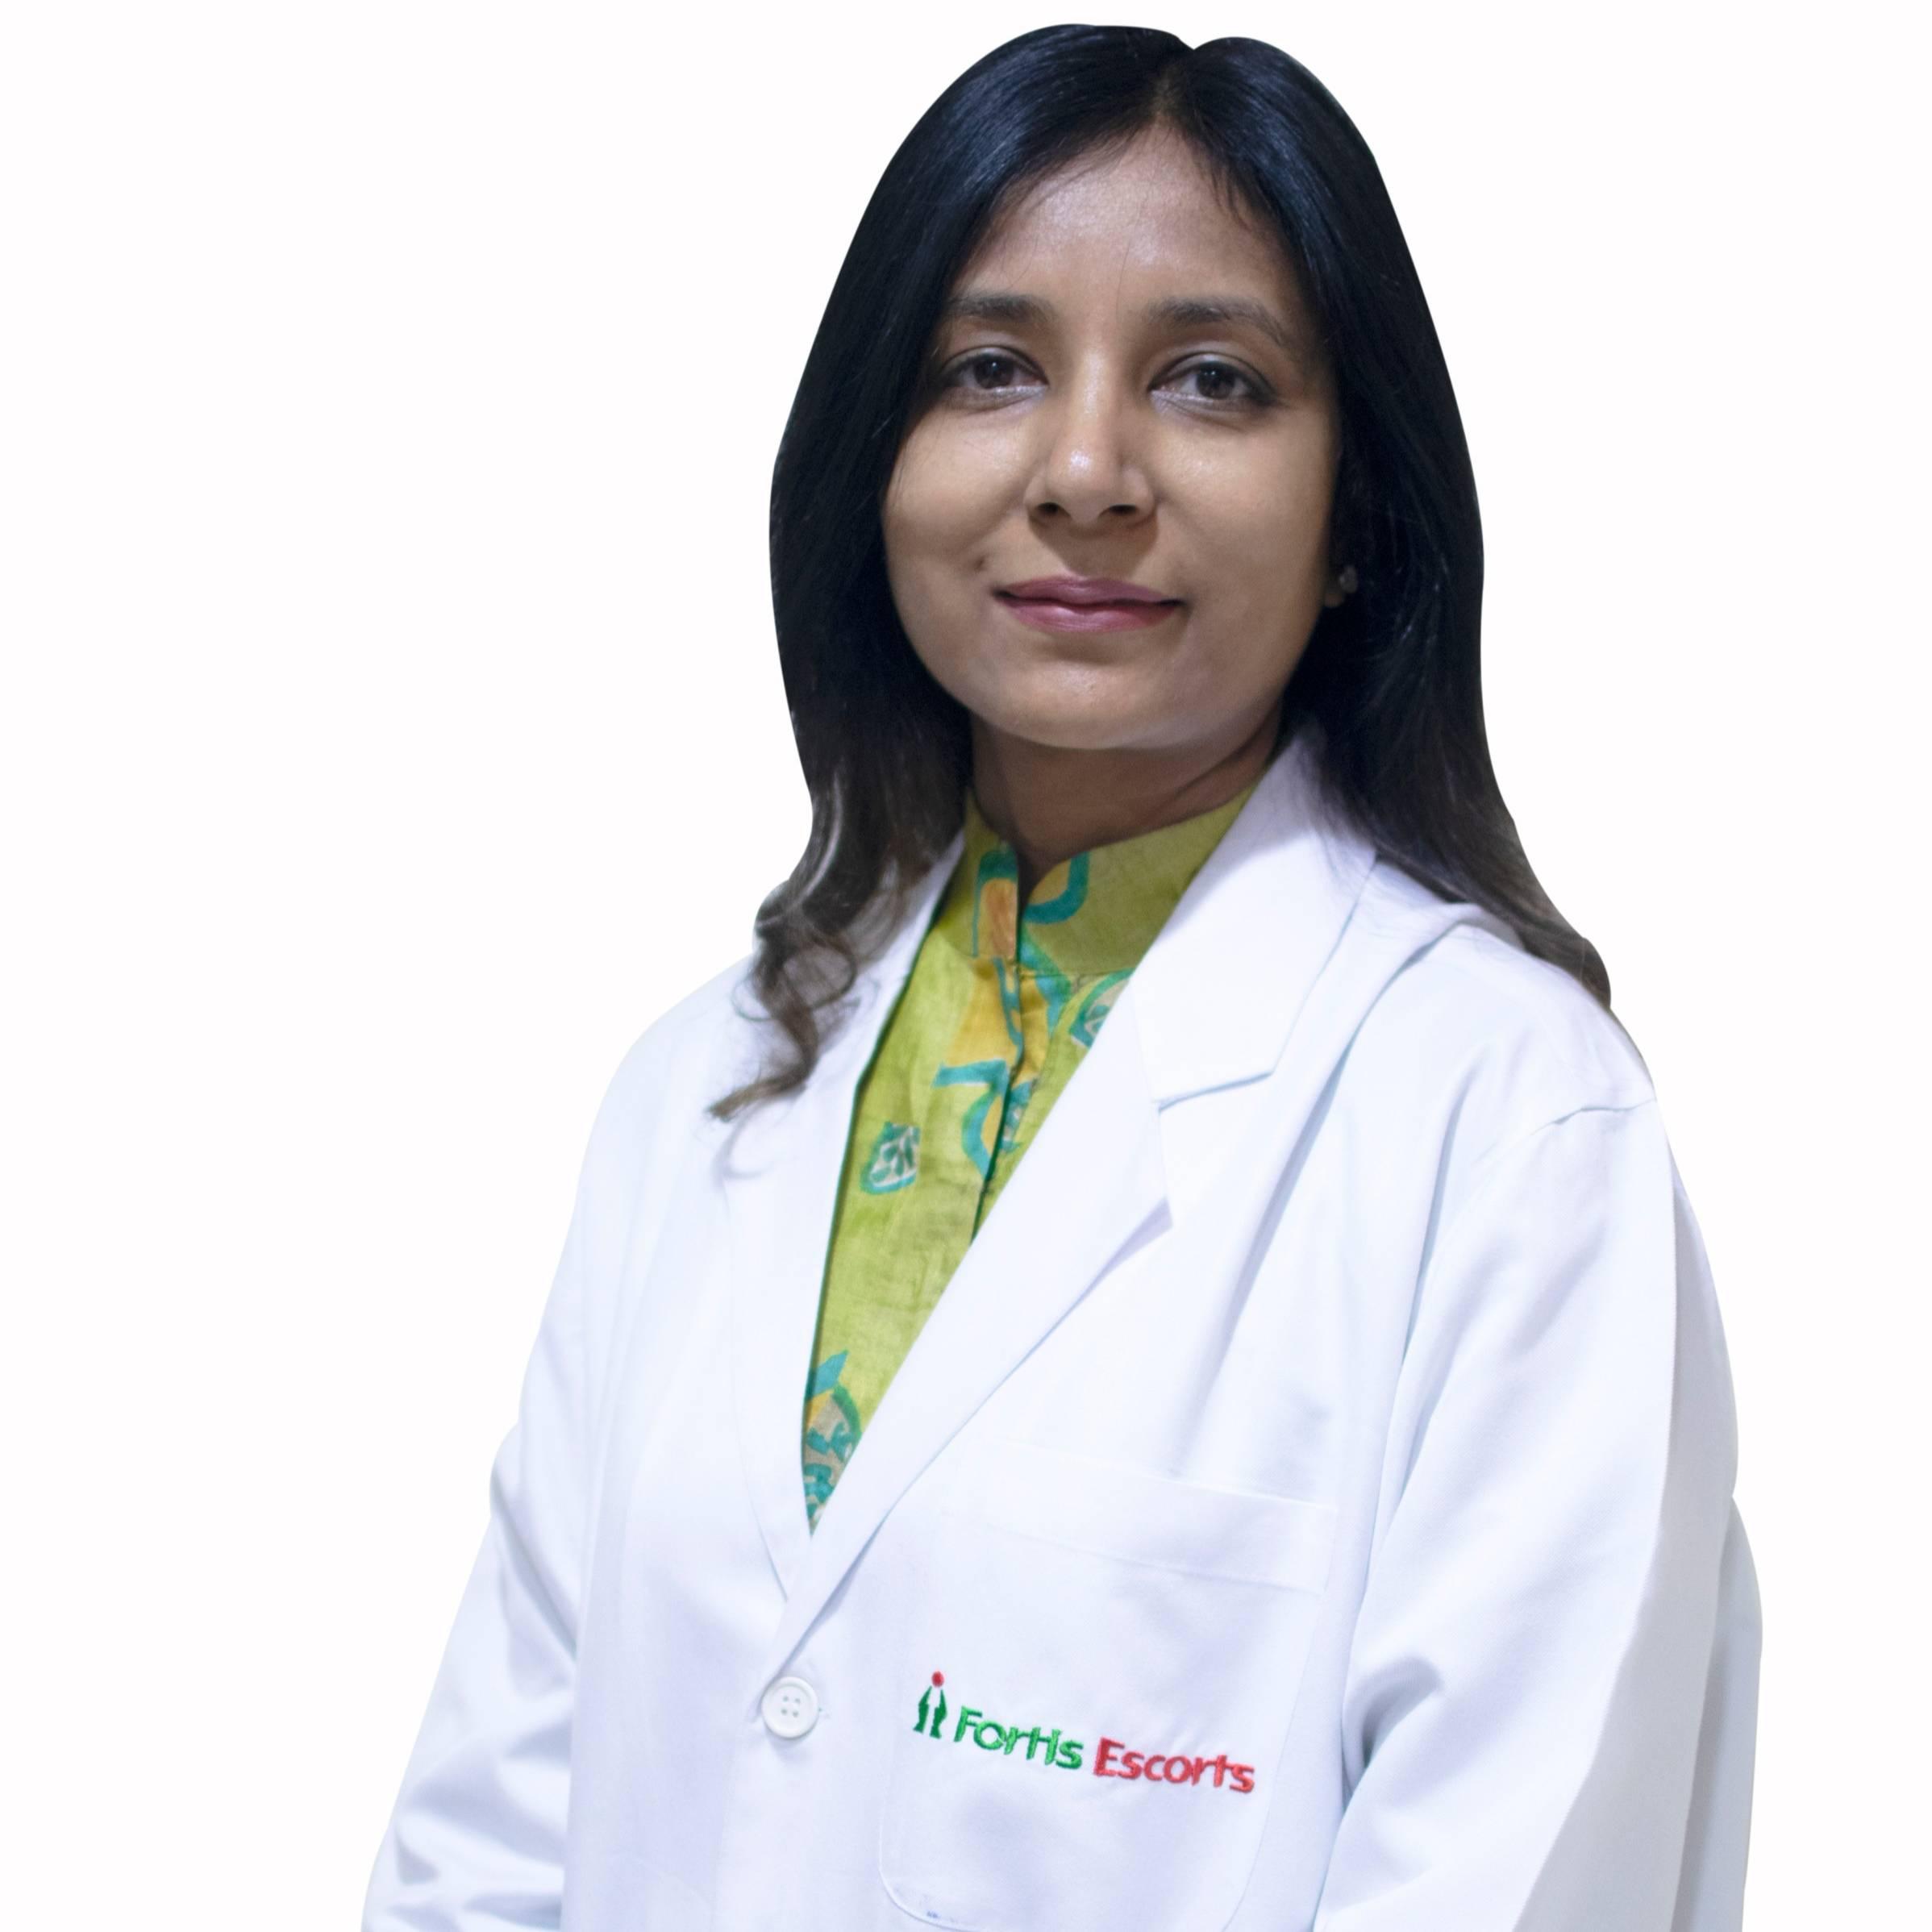 尼迪博士Rohatgi